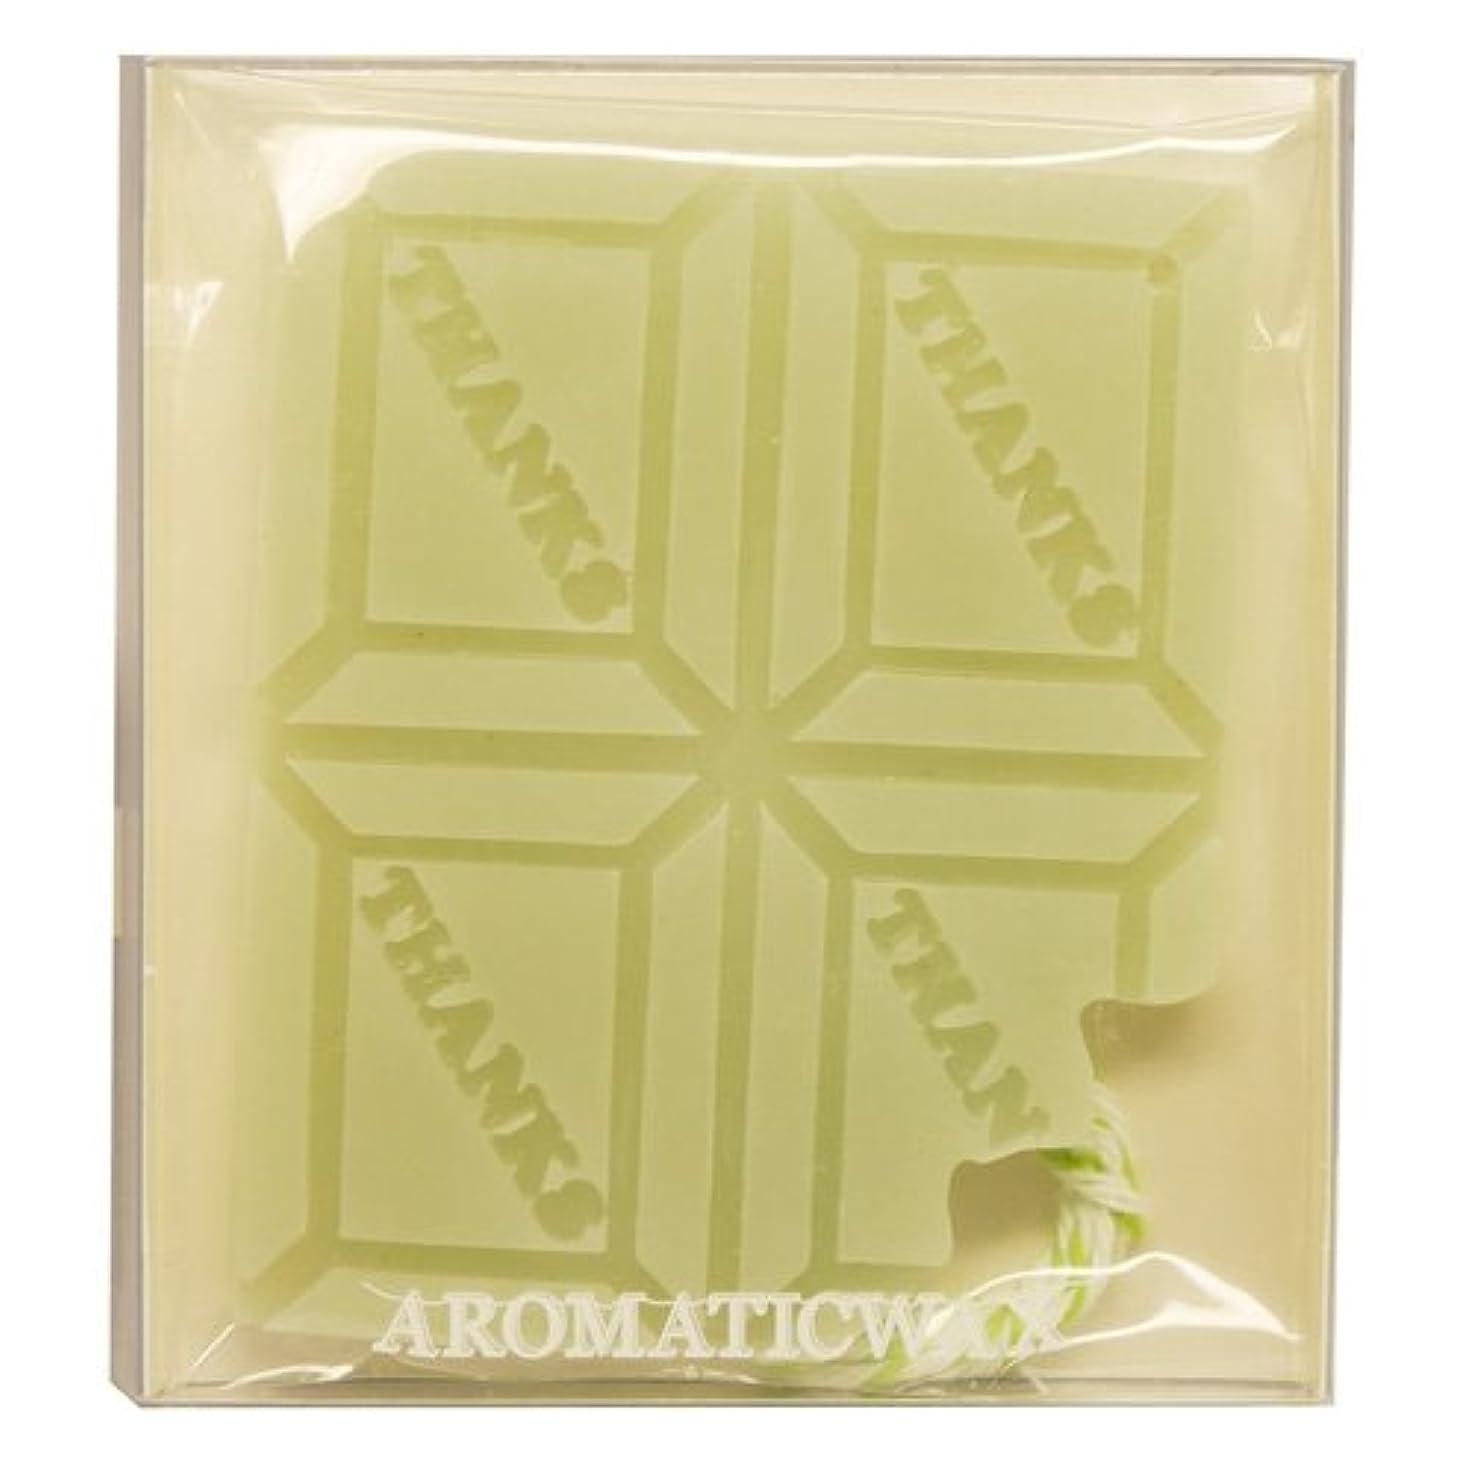 ストレージメダル作動するGRASSE TOKYO AROMATICWAXチャーム「板チョコ(THANKS)」(GR) レモングラス アロマティックワックス グラーストウキョウ